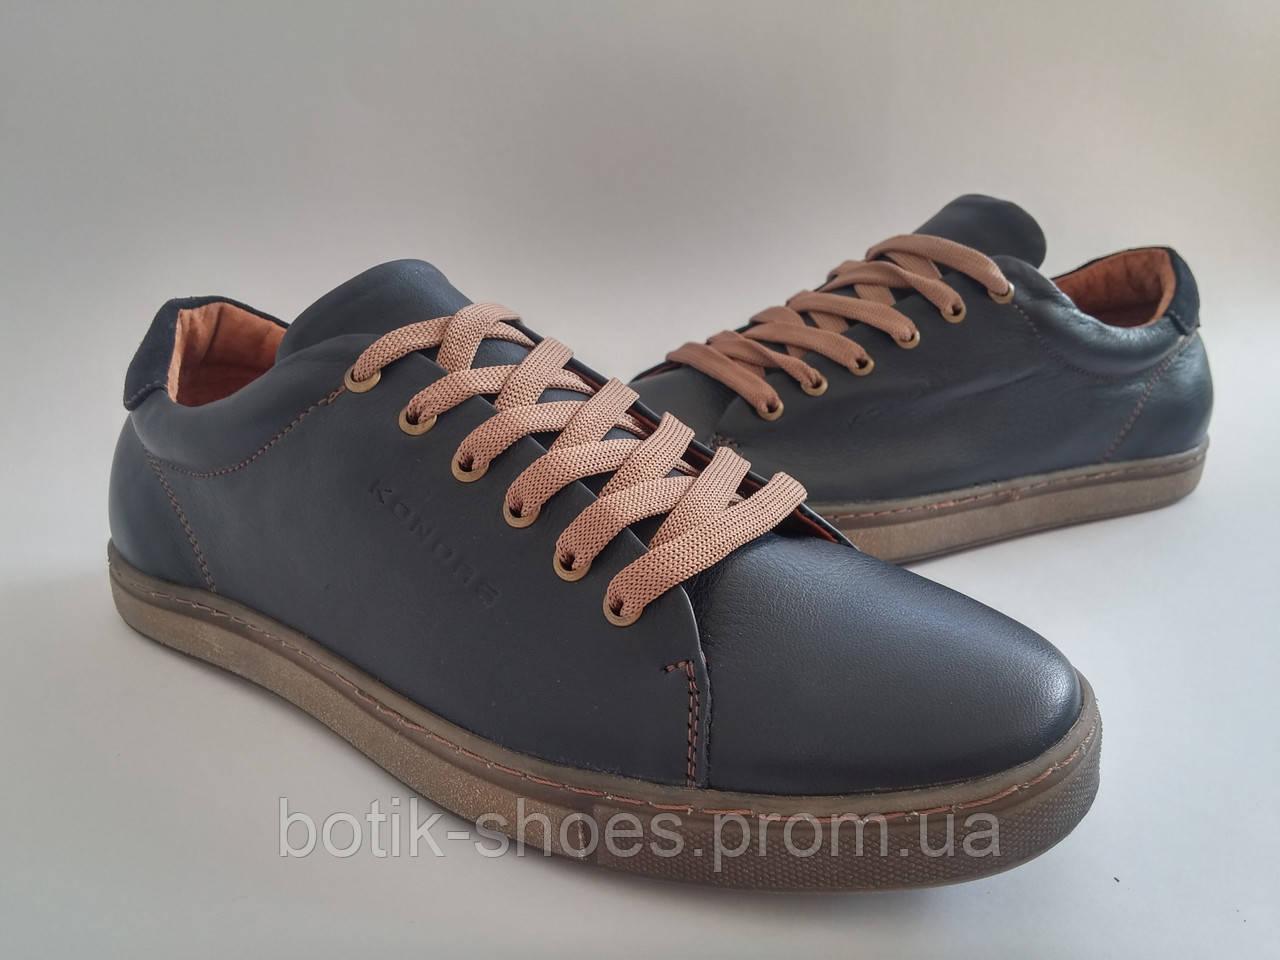 cd09ca723c5f9d Кожаные мужские стильные комфортные темно-синие спортивные туфли ...